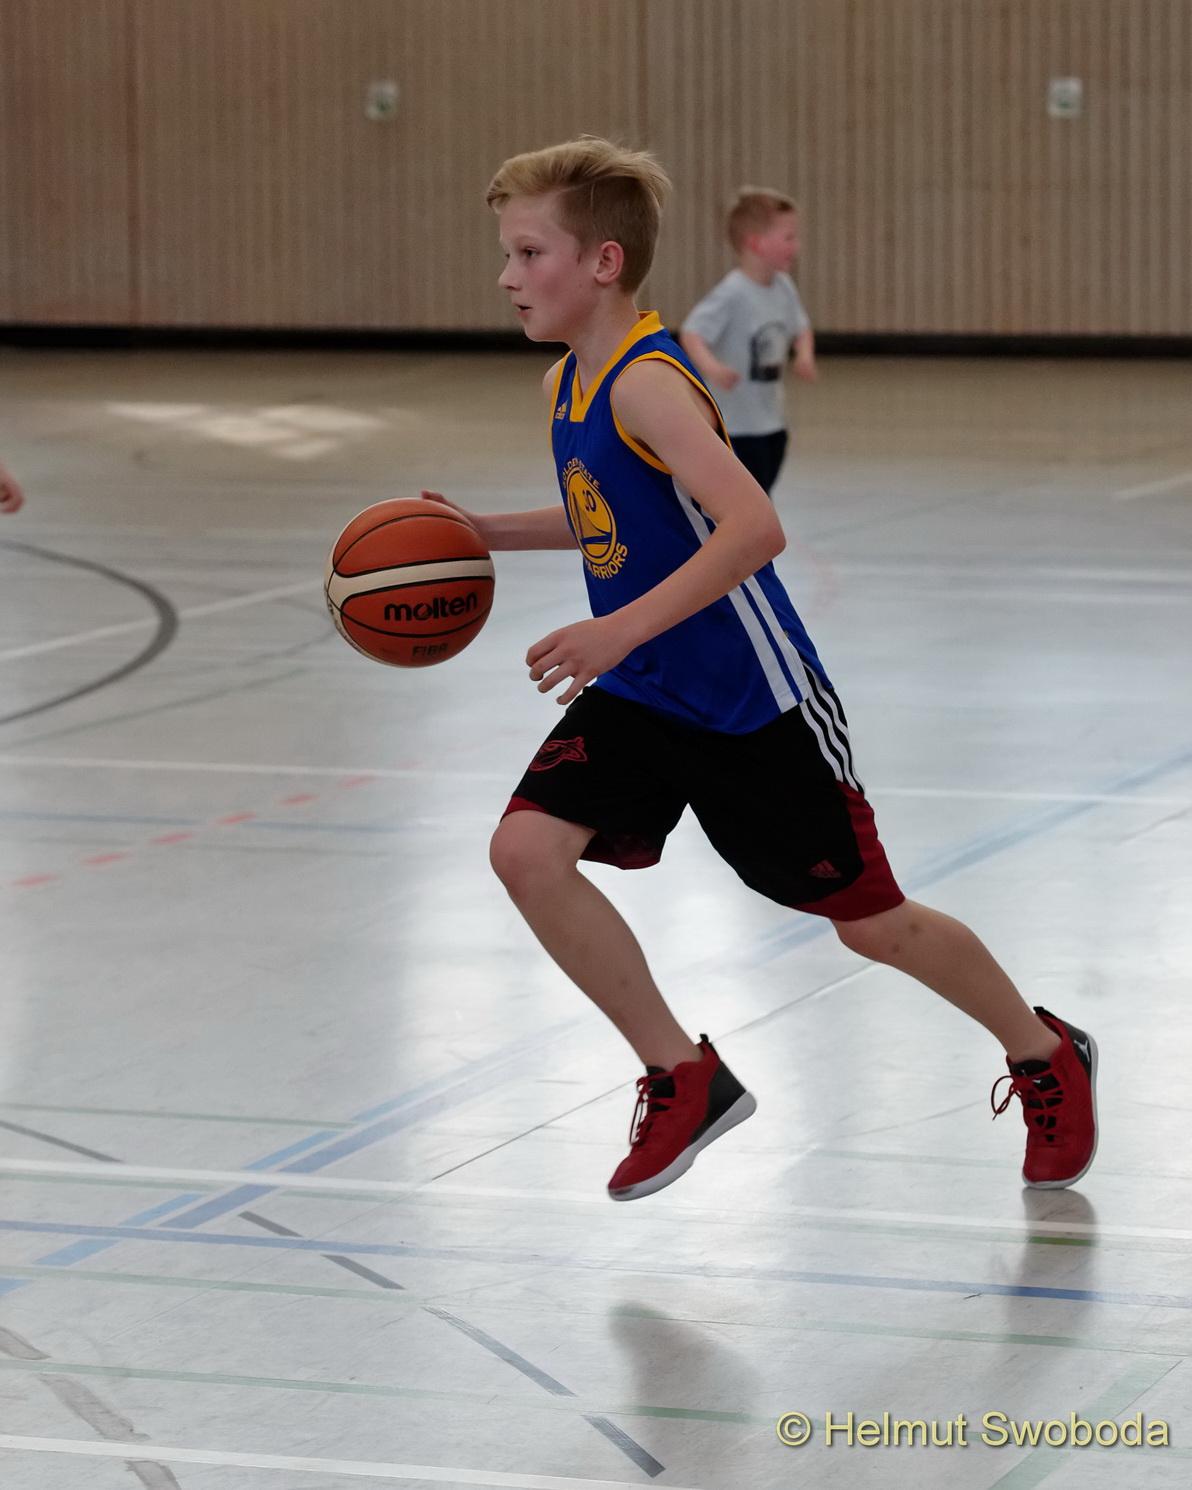 d170402-165048600-100-basketball_weilheim-mixed-turnier_33657278292_o